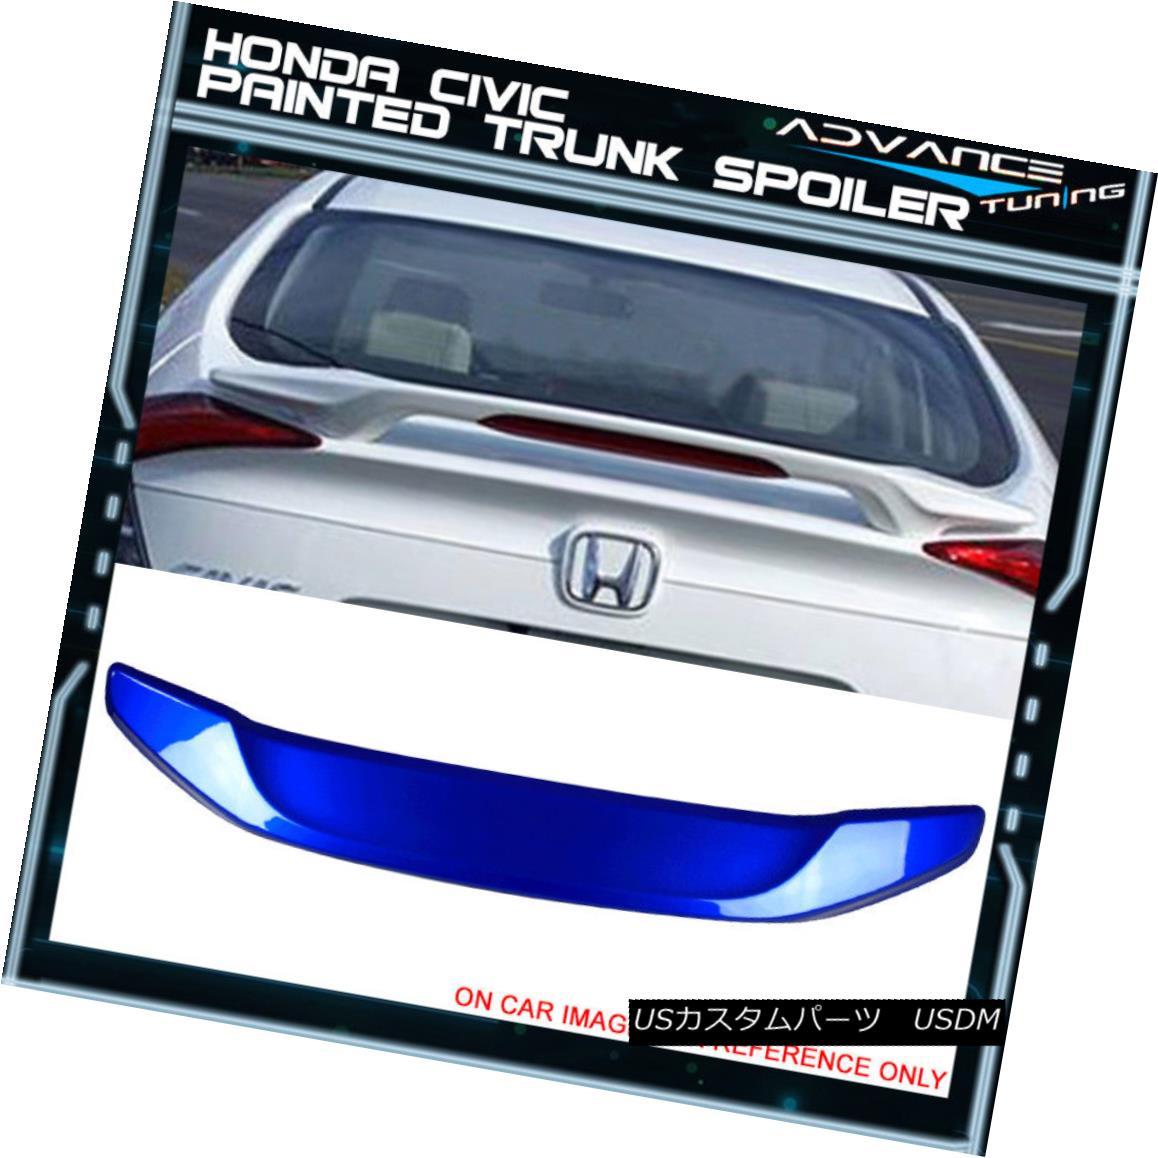 エアロパーツ 16-18 Civic Sedan Trunk Spoiler OEM Painted Color #B593M Aegean Blue Metallic 16-18シビックセダントランク・スポイラーOEM塗装カラー#B593Mエーゲ・ブルー・メタリック